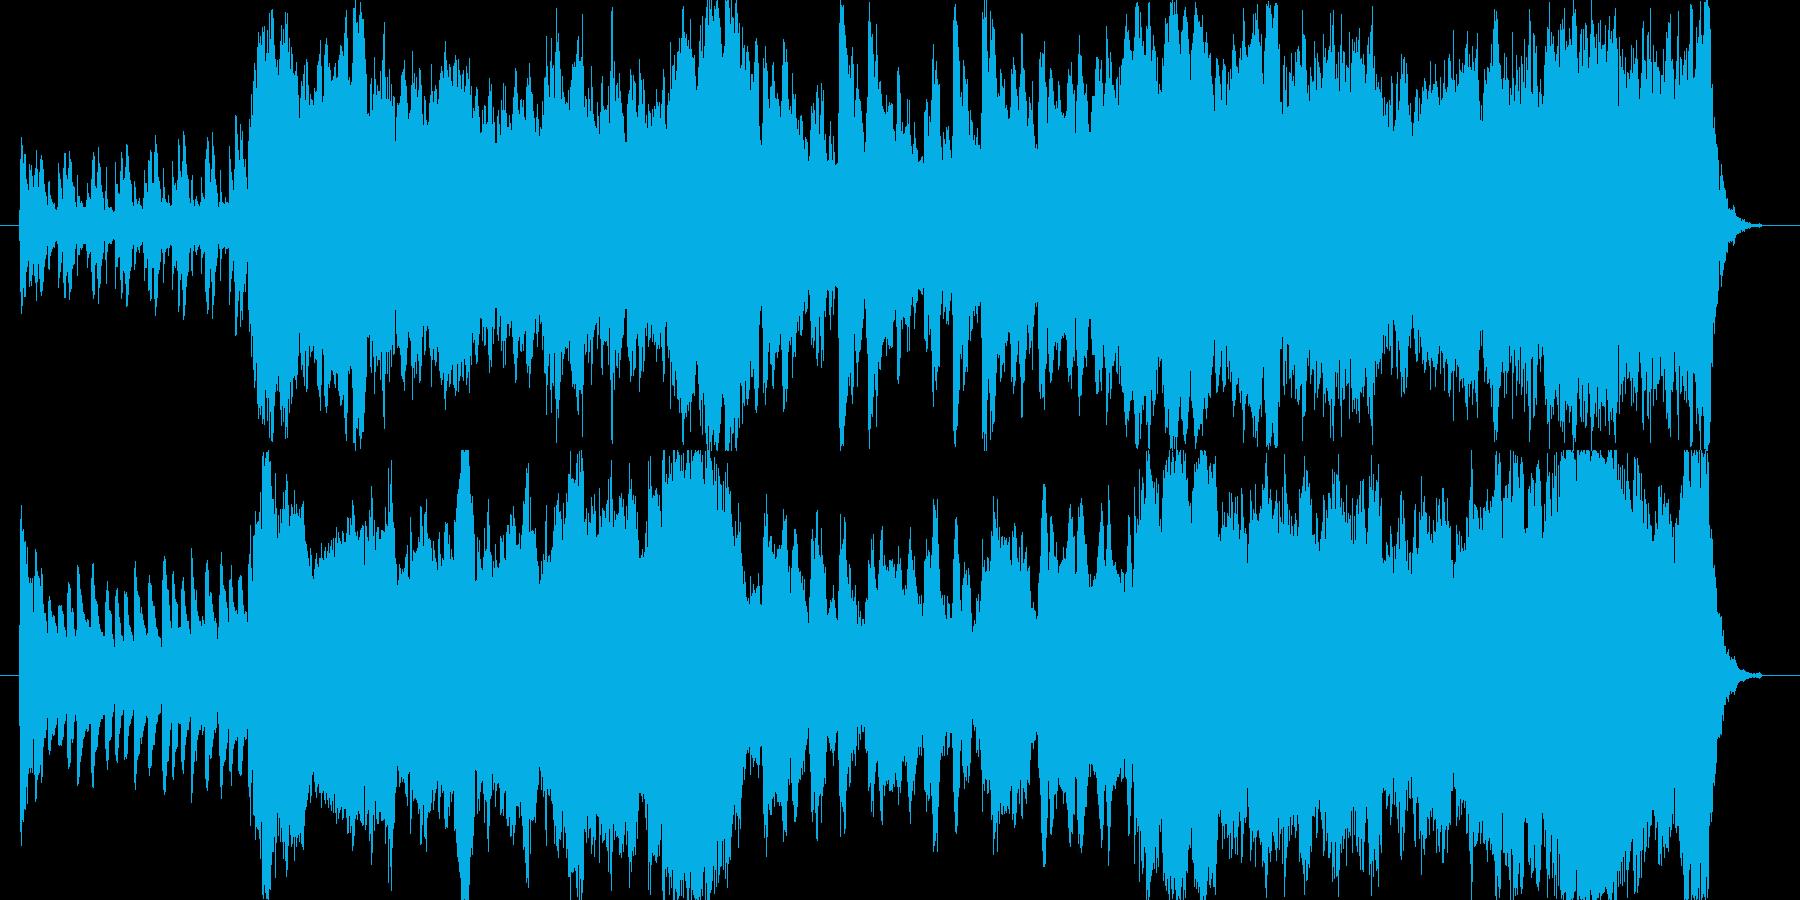 冒険の始まりのような壮大なイメージの楽…の再生済みの波形